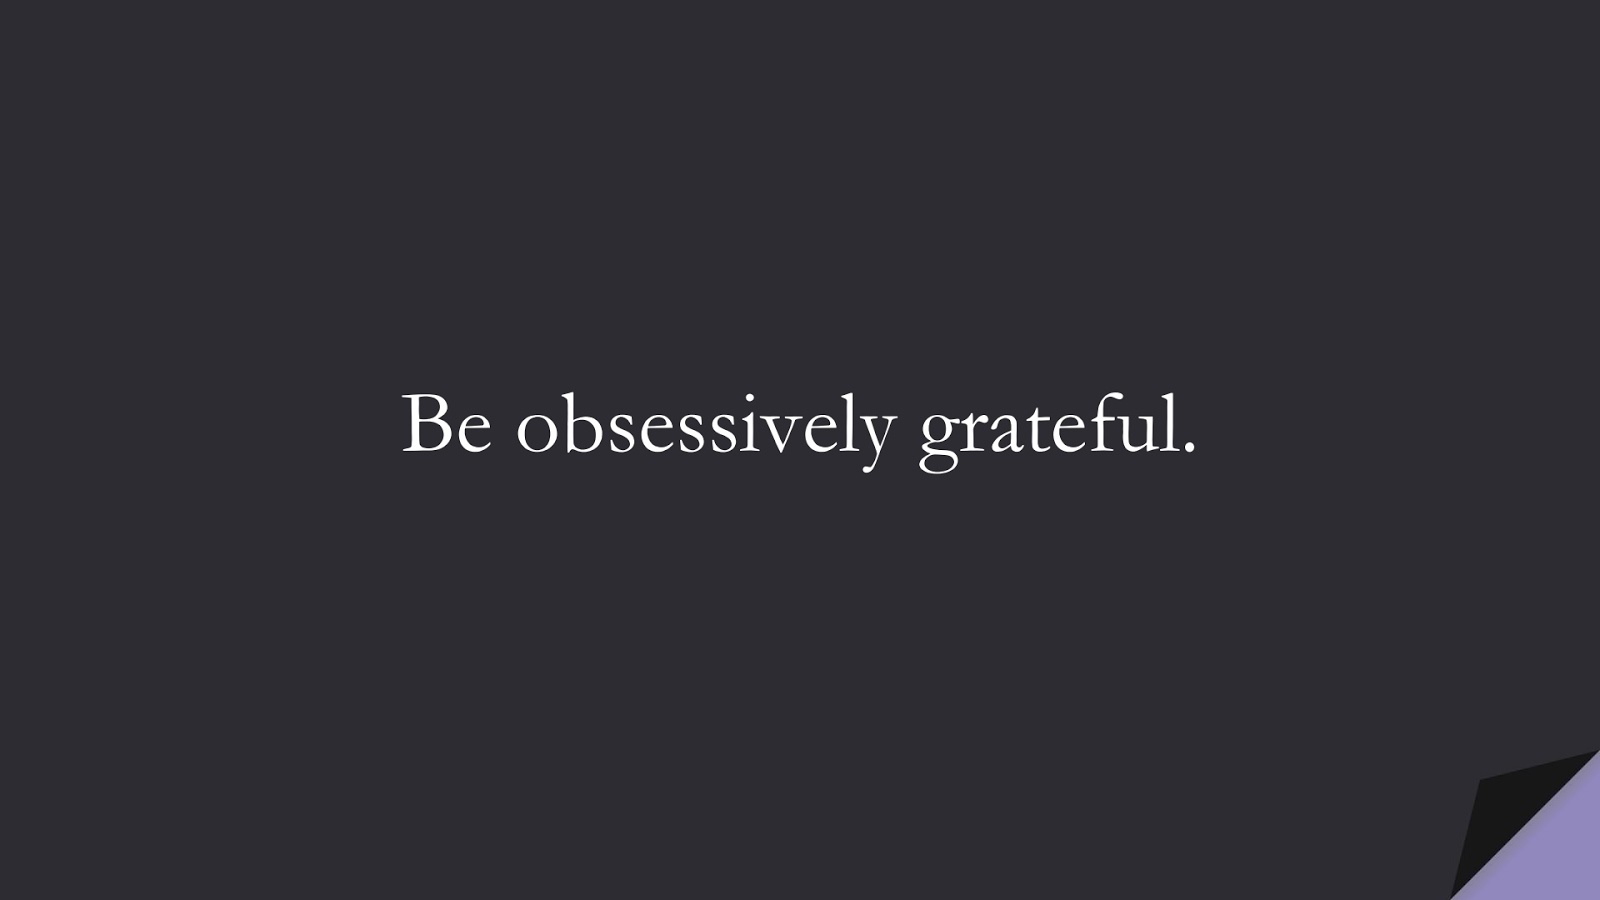 Be obsessively grateful.FALSE